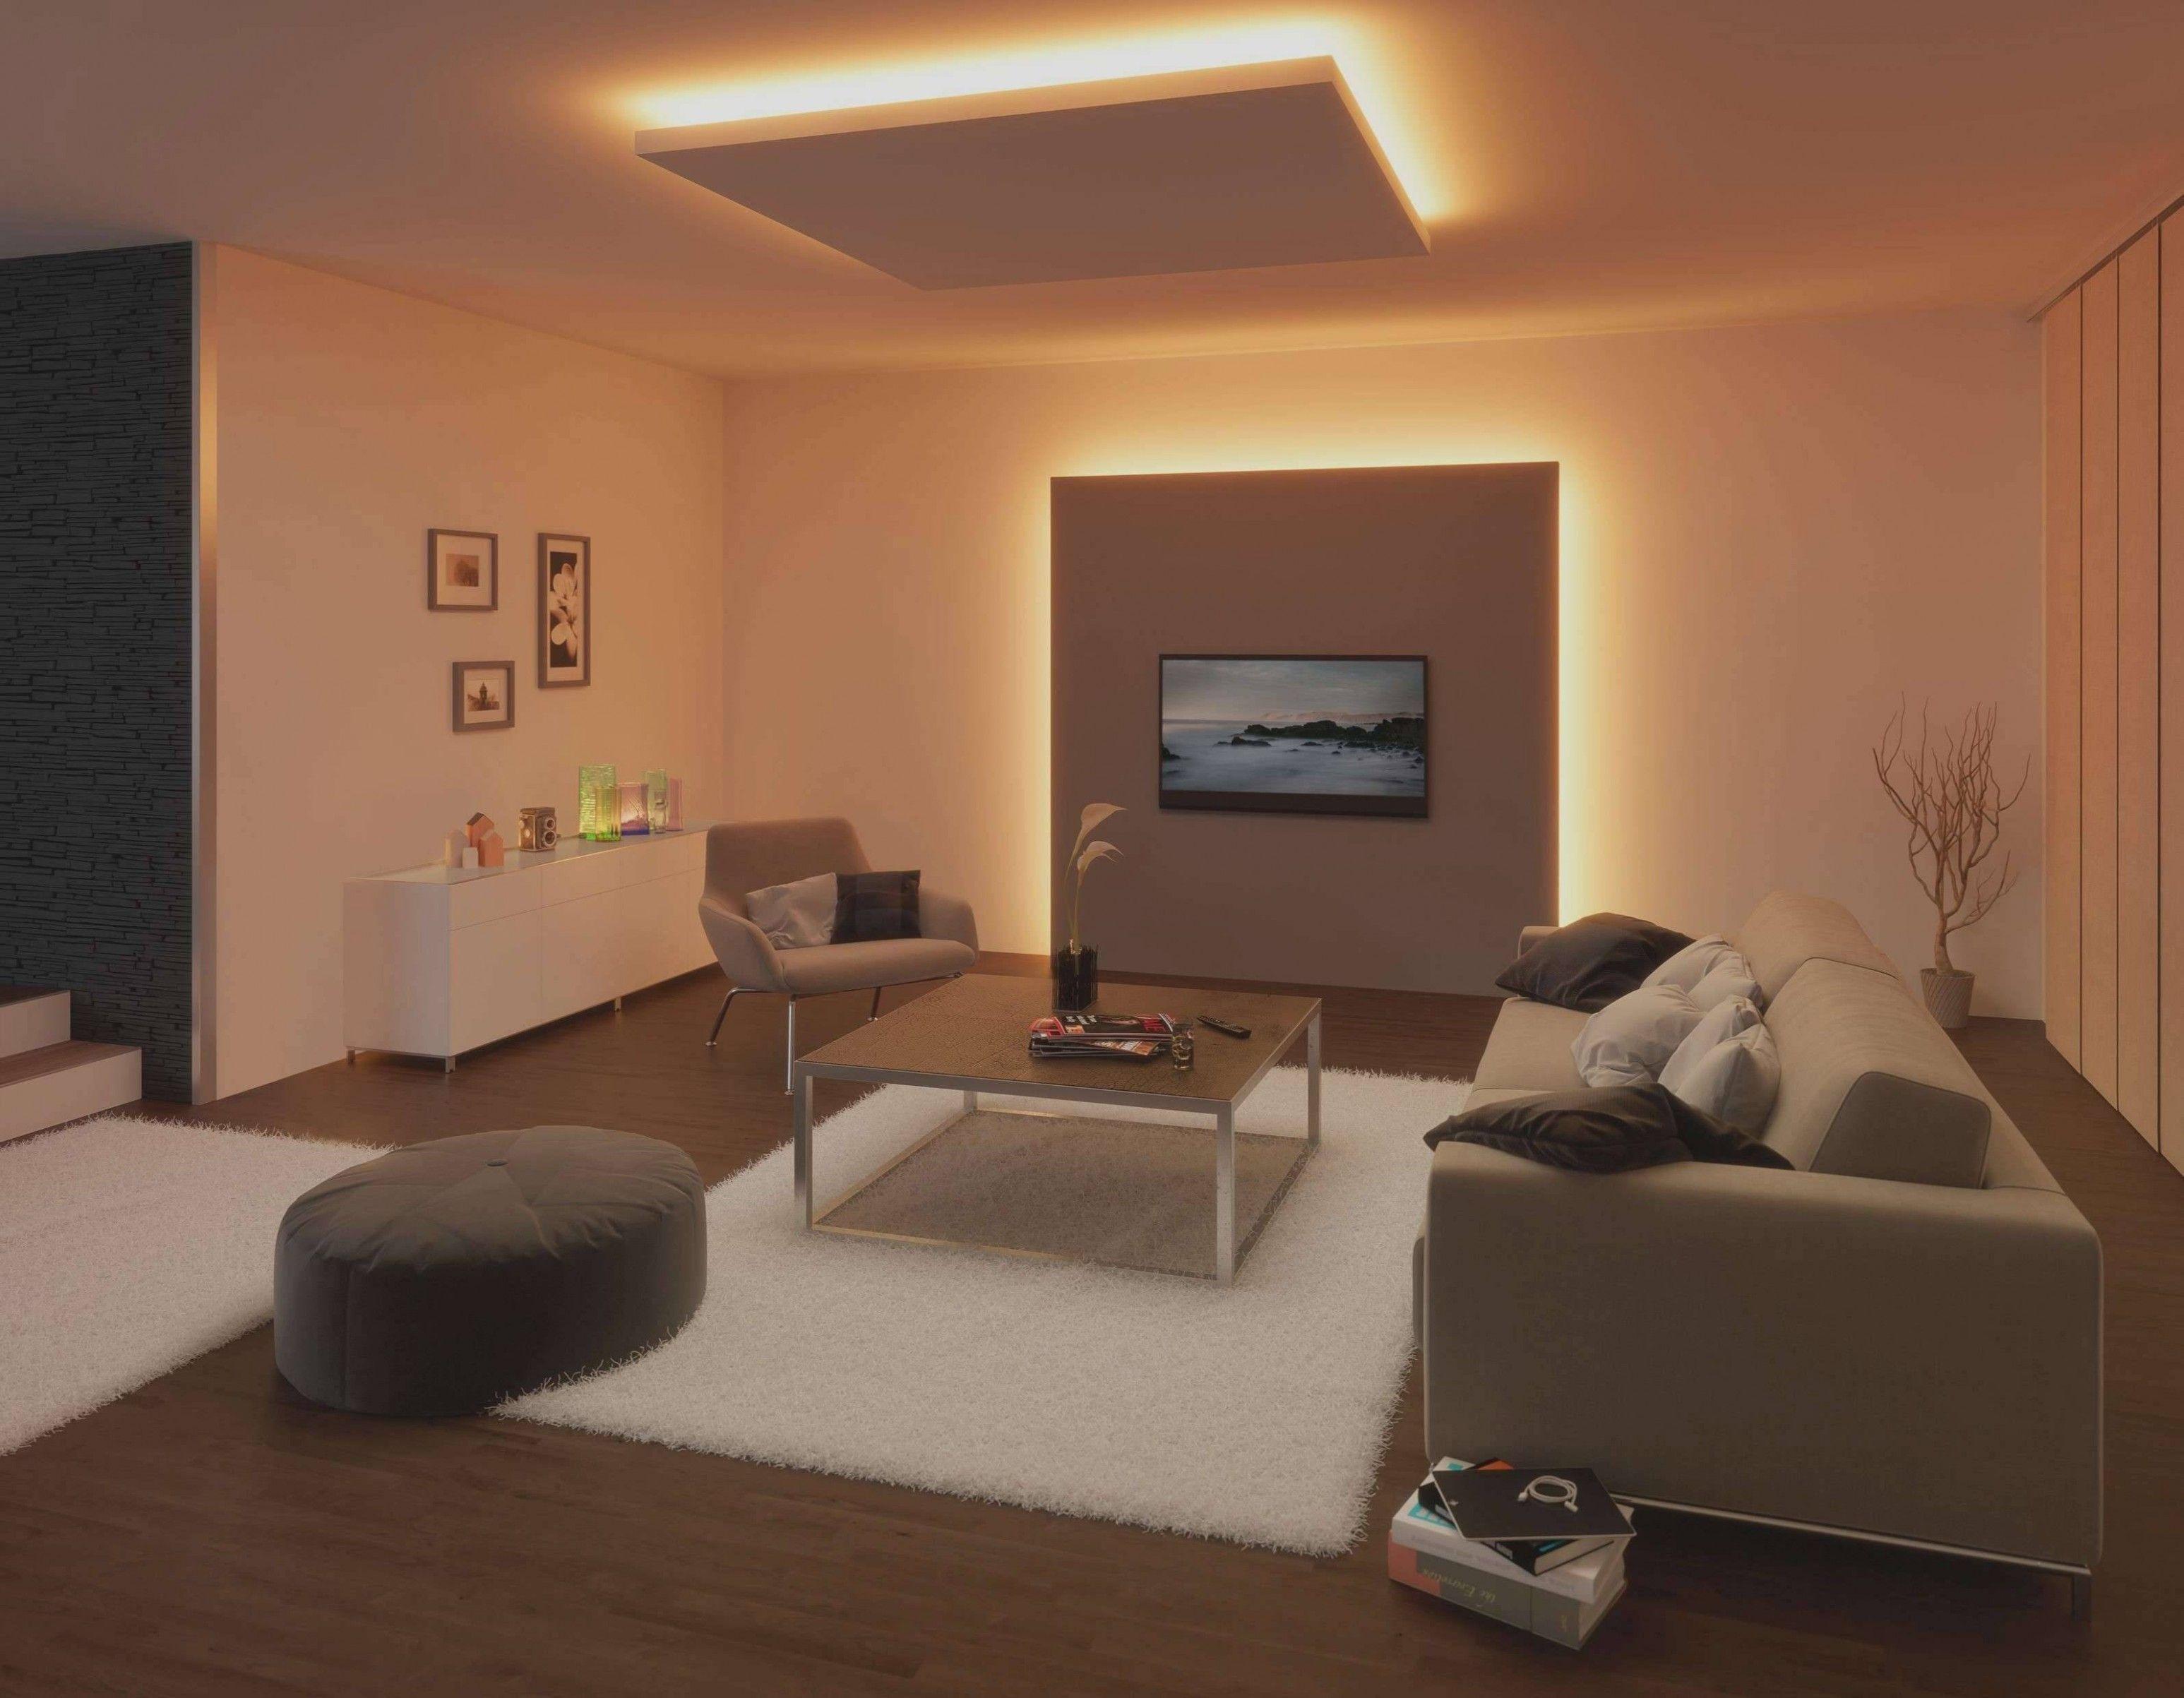 Wohnzimmer Design Holz in 4  Wohnzimmer ideen modern